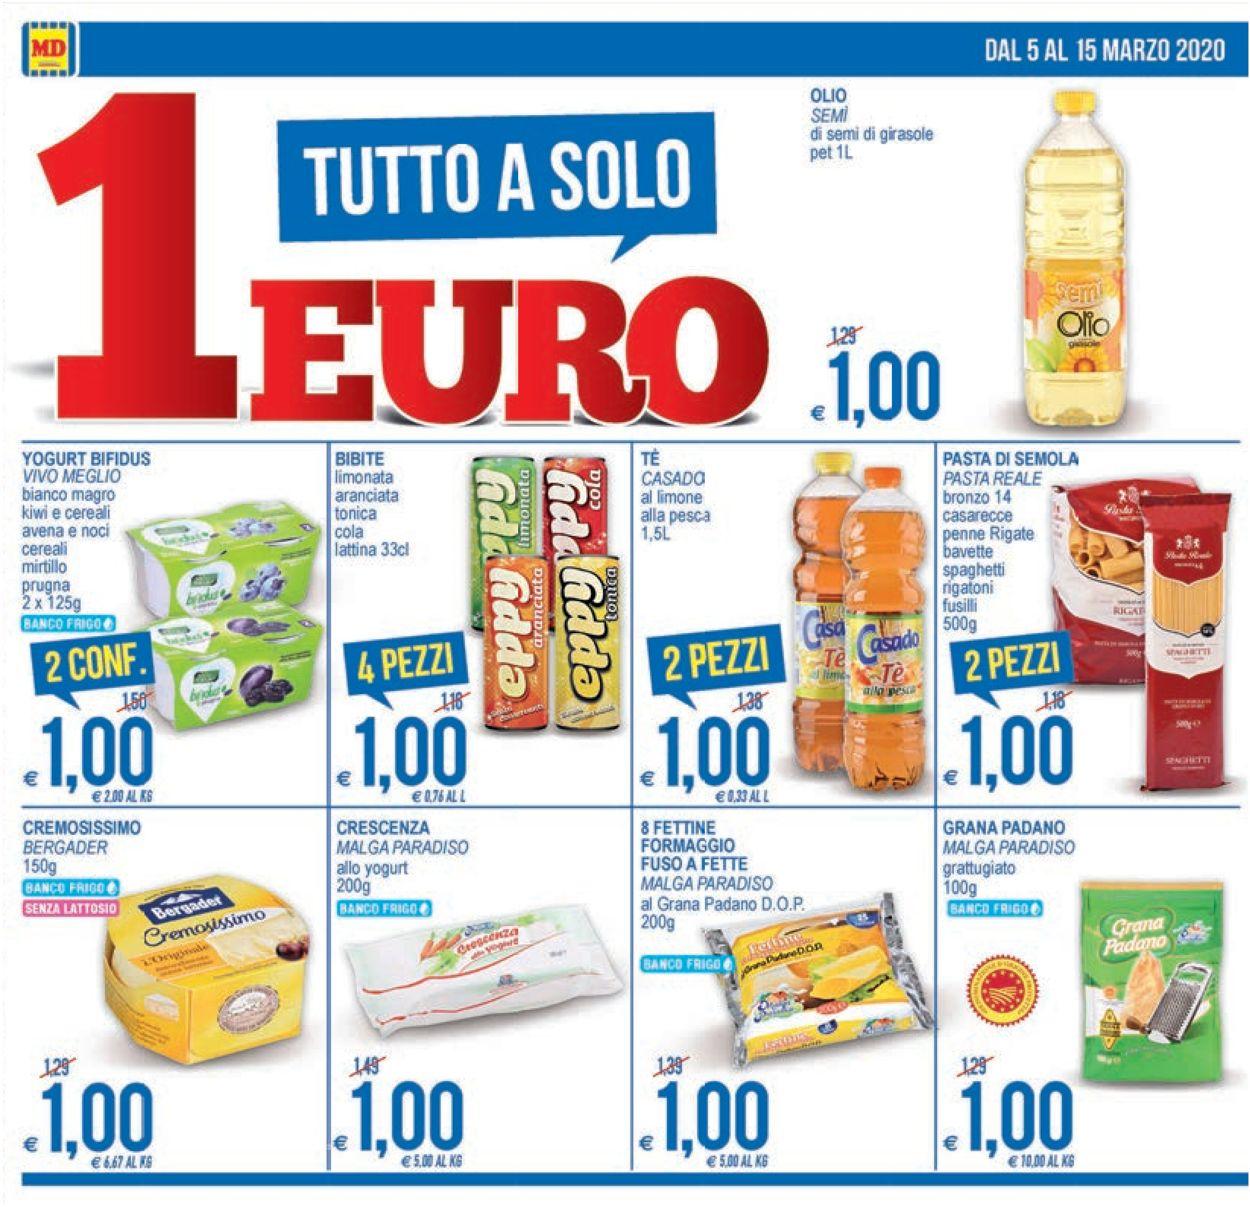 Volantino MD Discount - Offerte 05/03-15/03/2020 (Pagina 2)